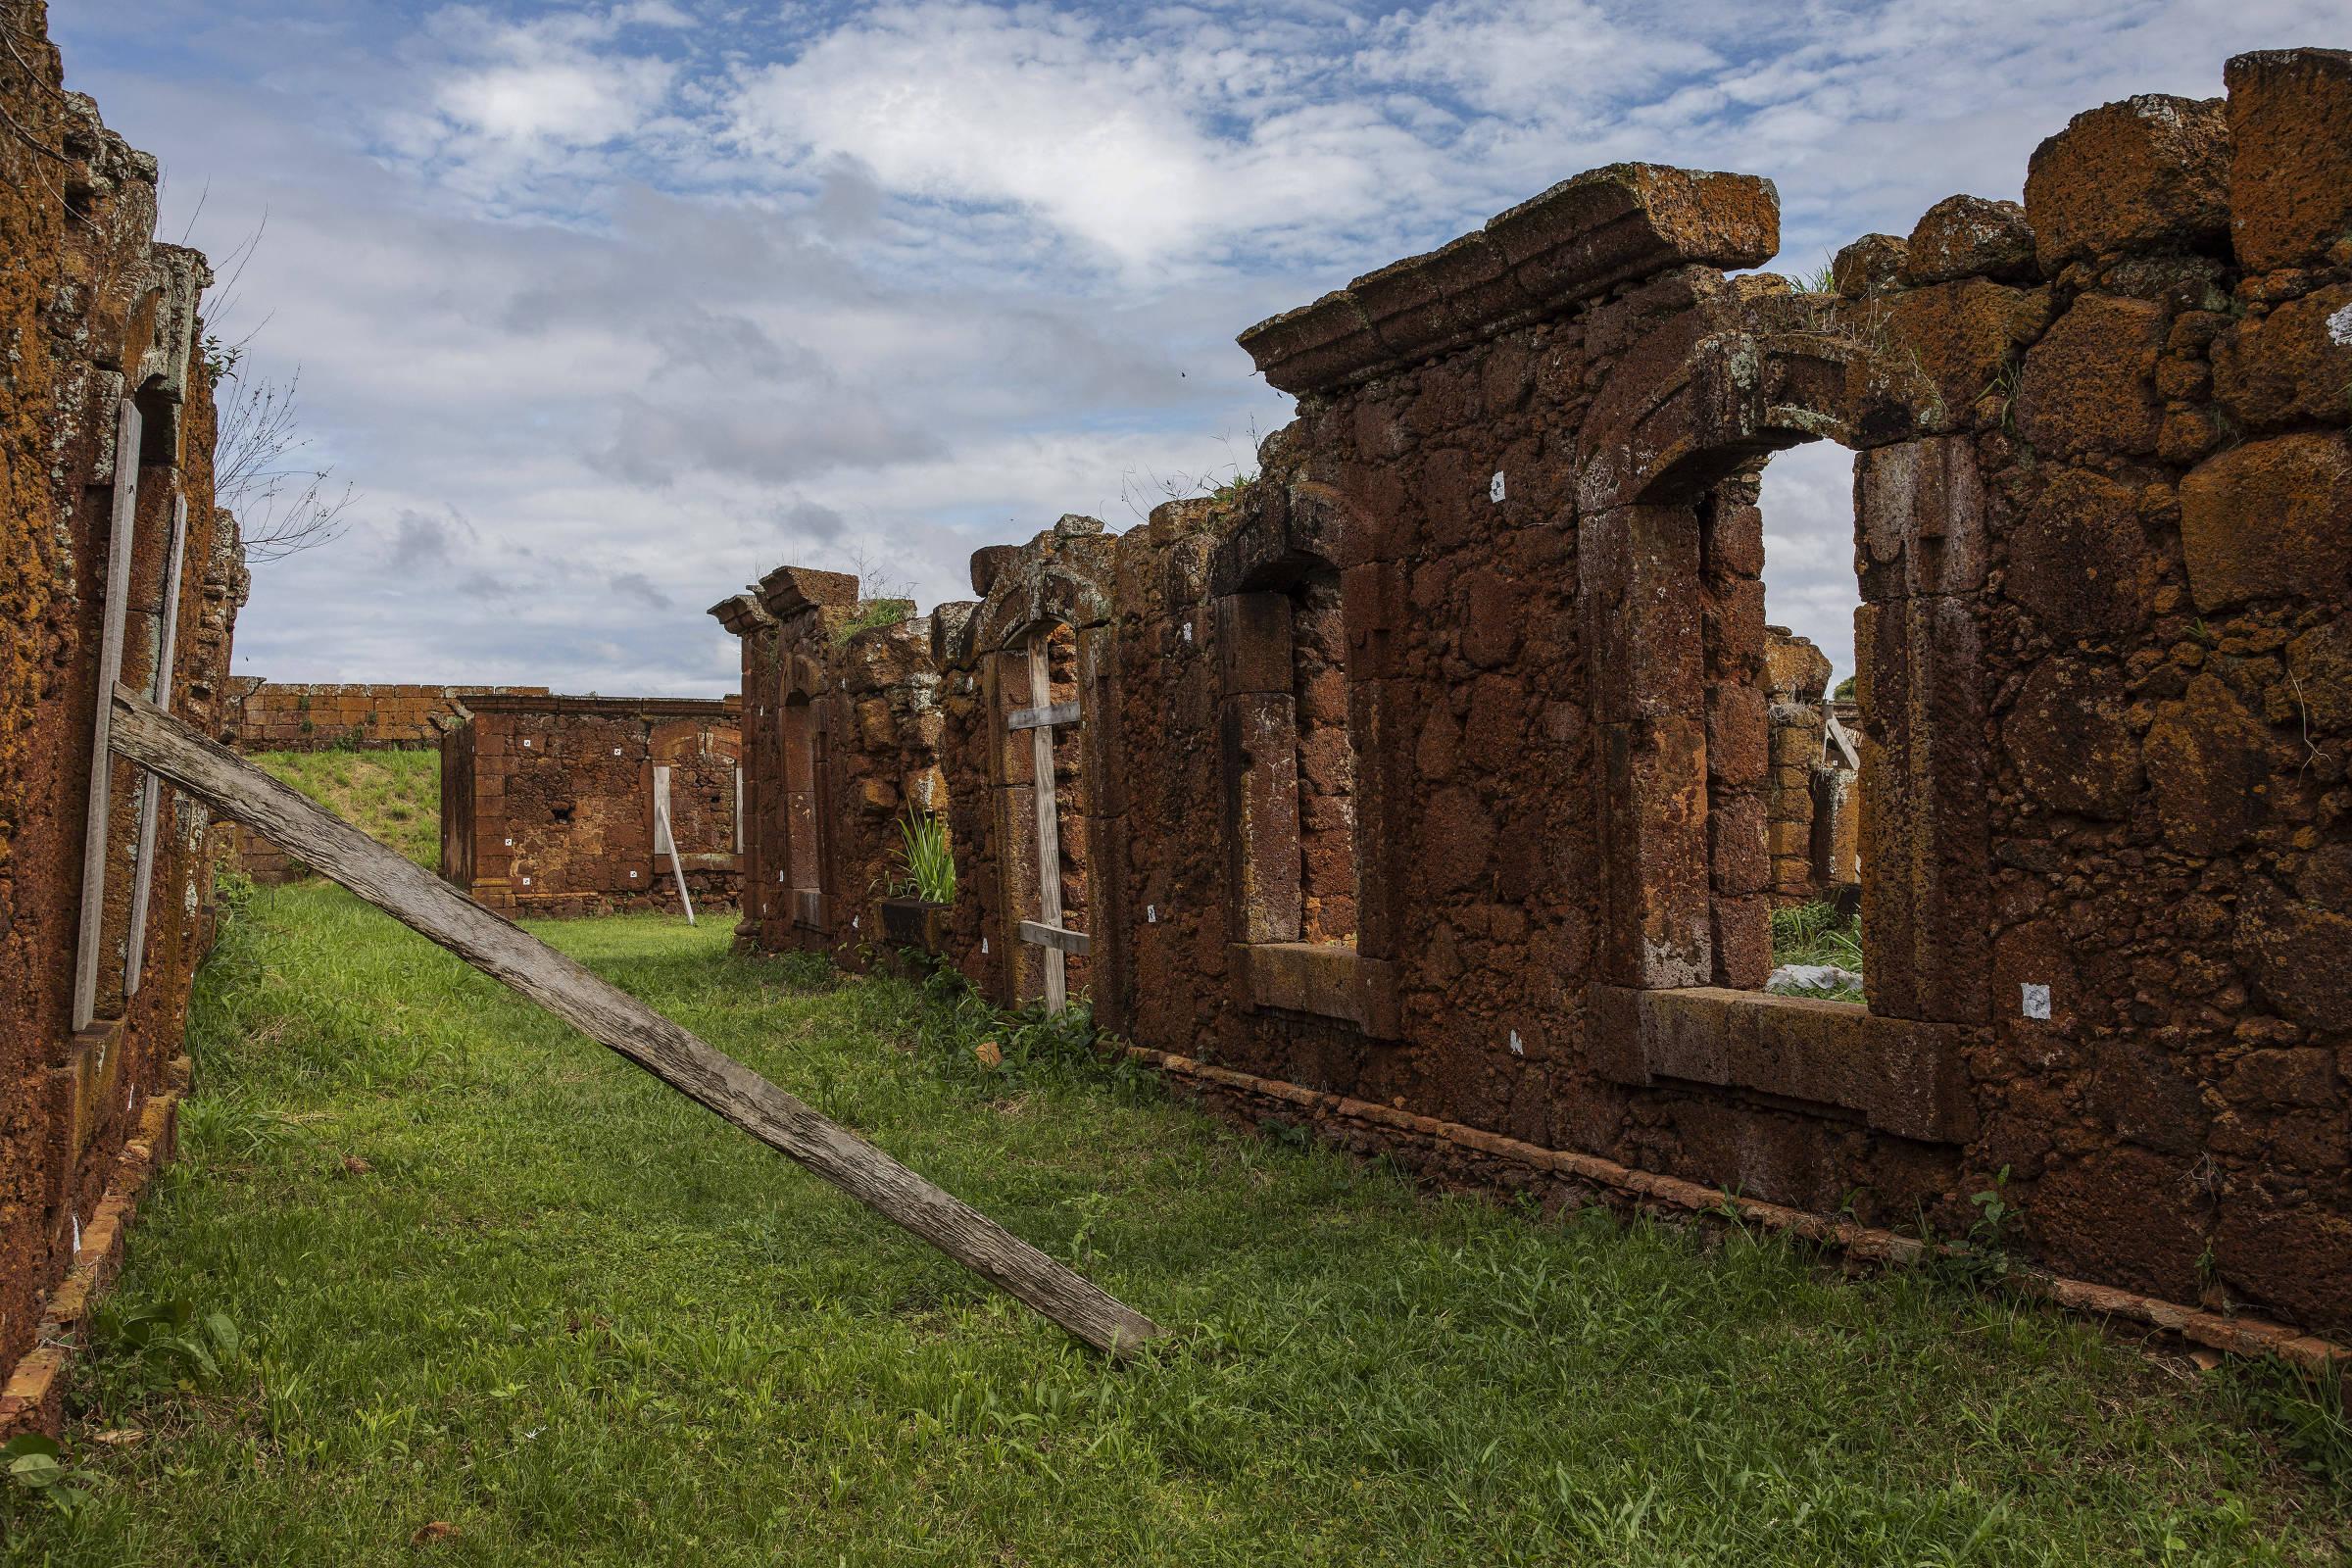 Vigas de madeira escoram as ruínas no interior do Real Forte Príncipe da Beira